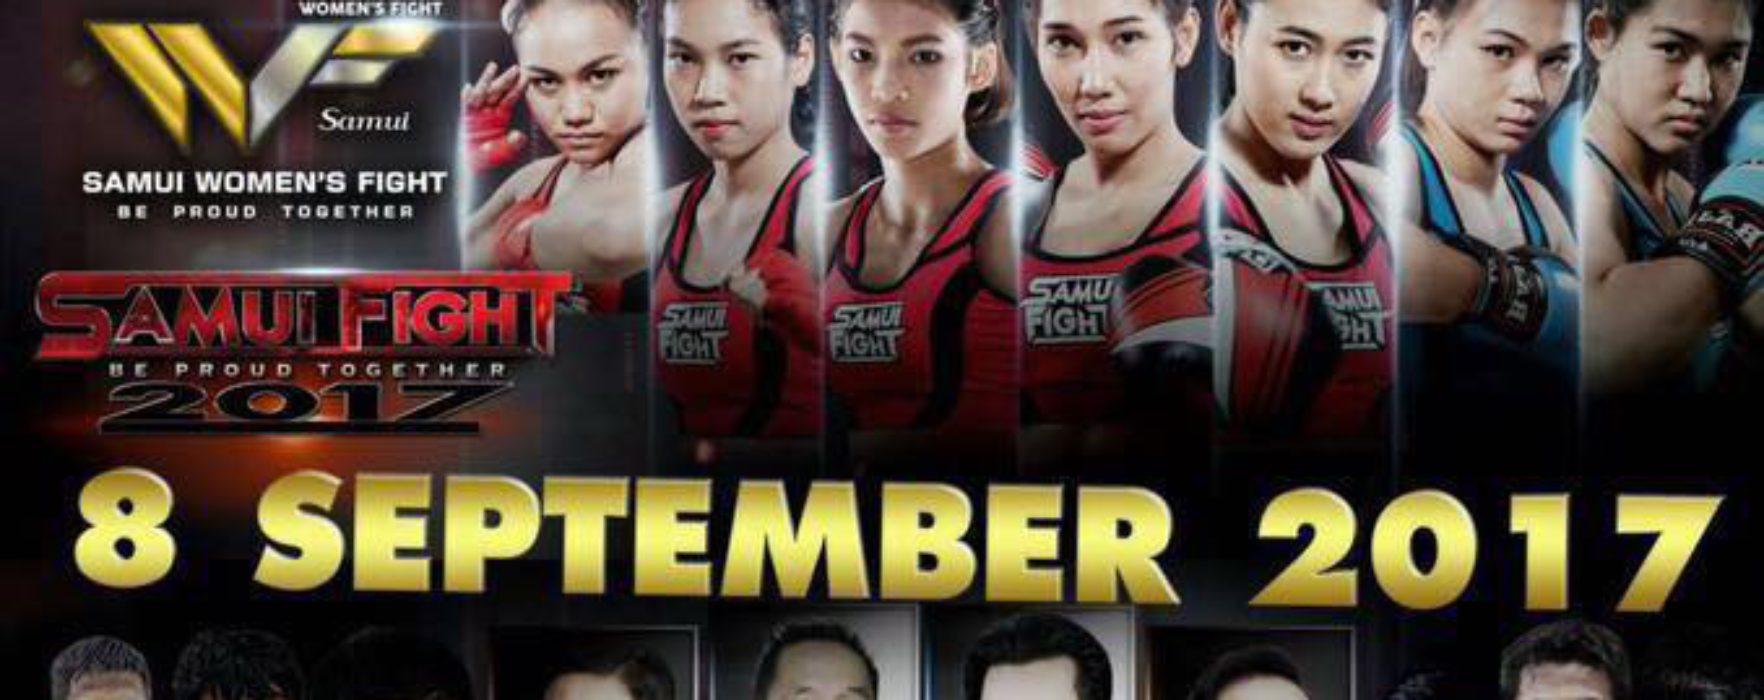 Samui fight 2017 – Saengmanee, Panpayak, Seksan, Chomanee e molti altri – 7-10 sett 2017